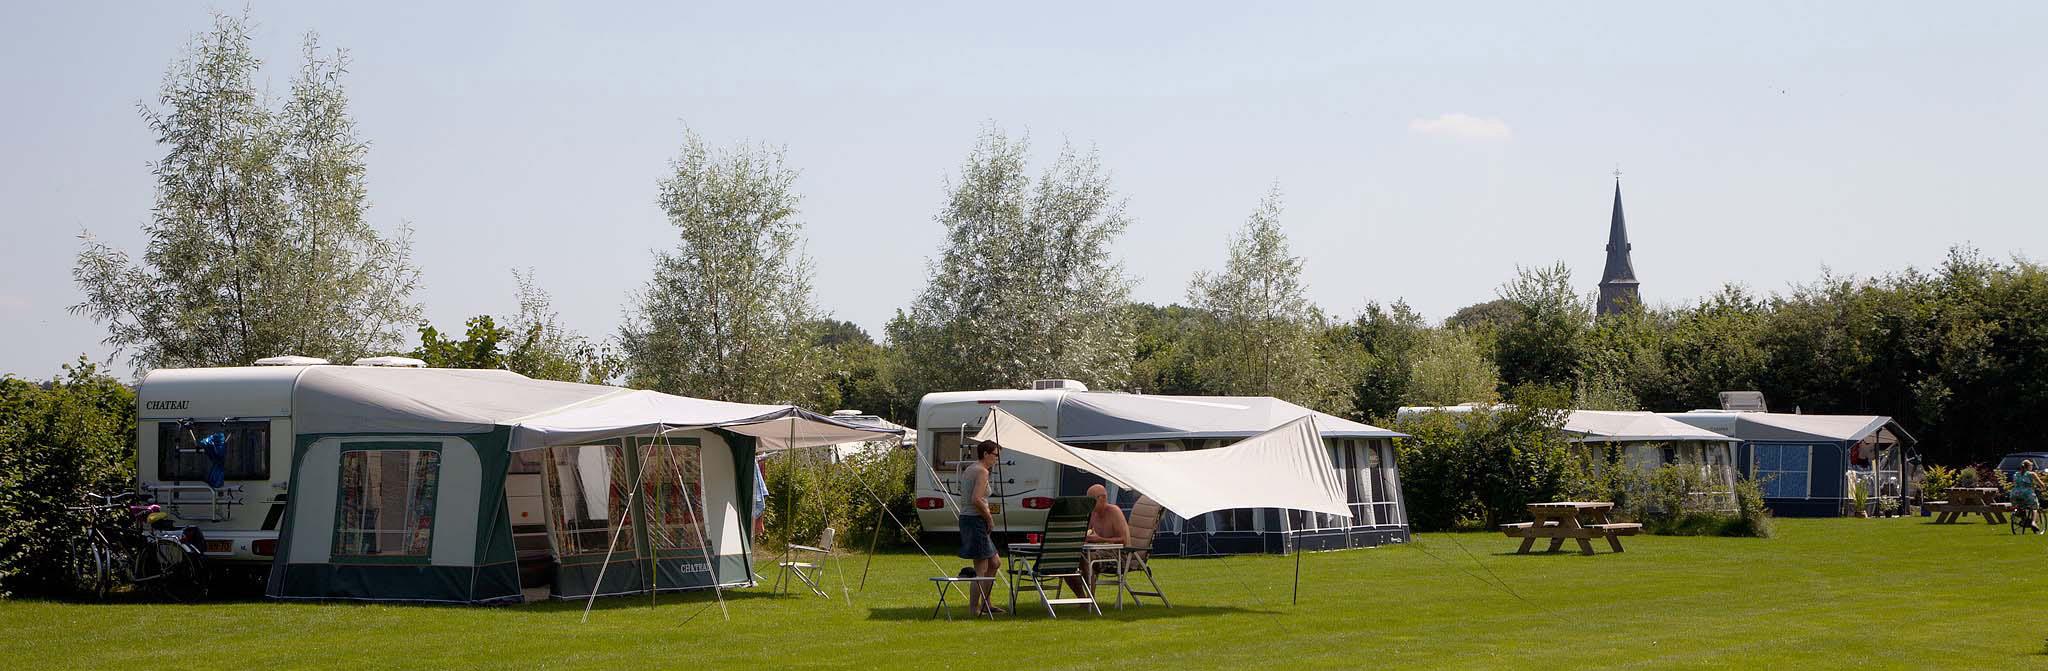 Camping 't Meulenbrugge - Vorden Regio Achterhoek - Liemers